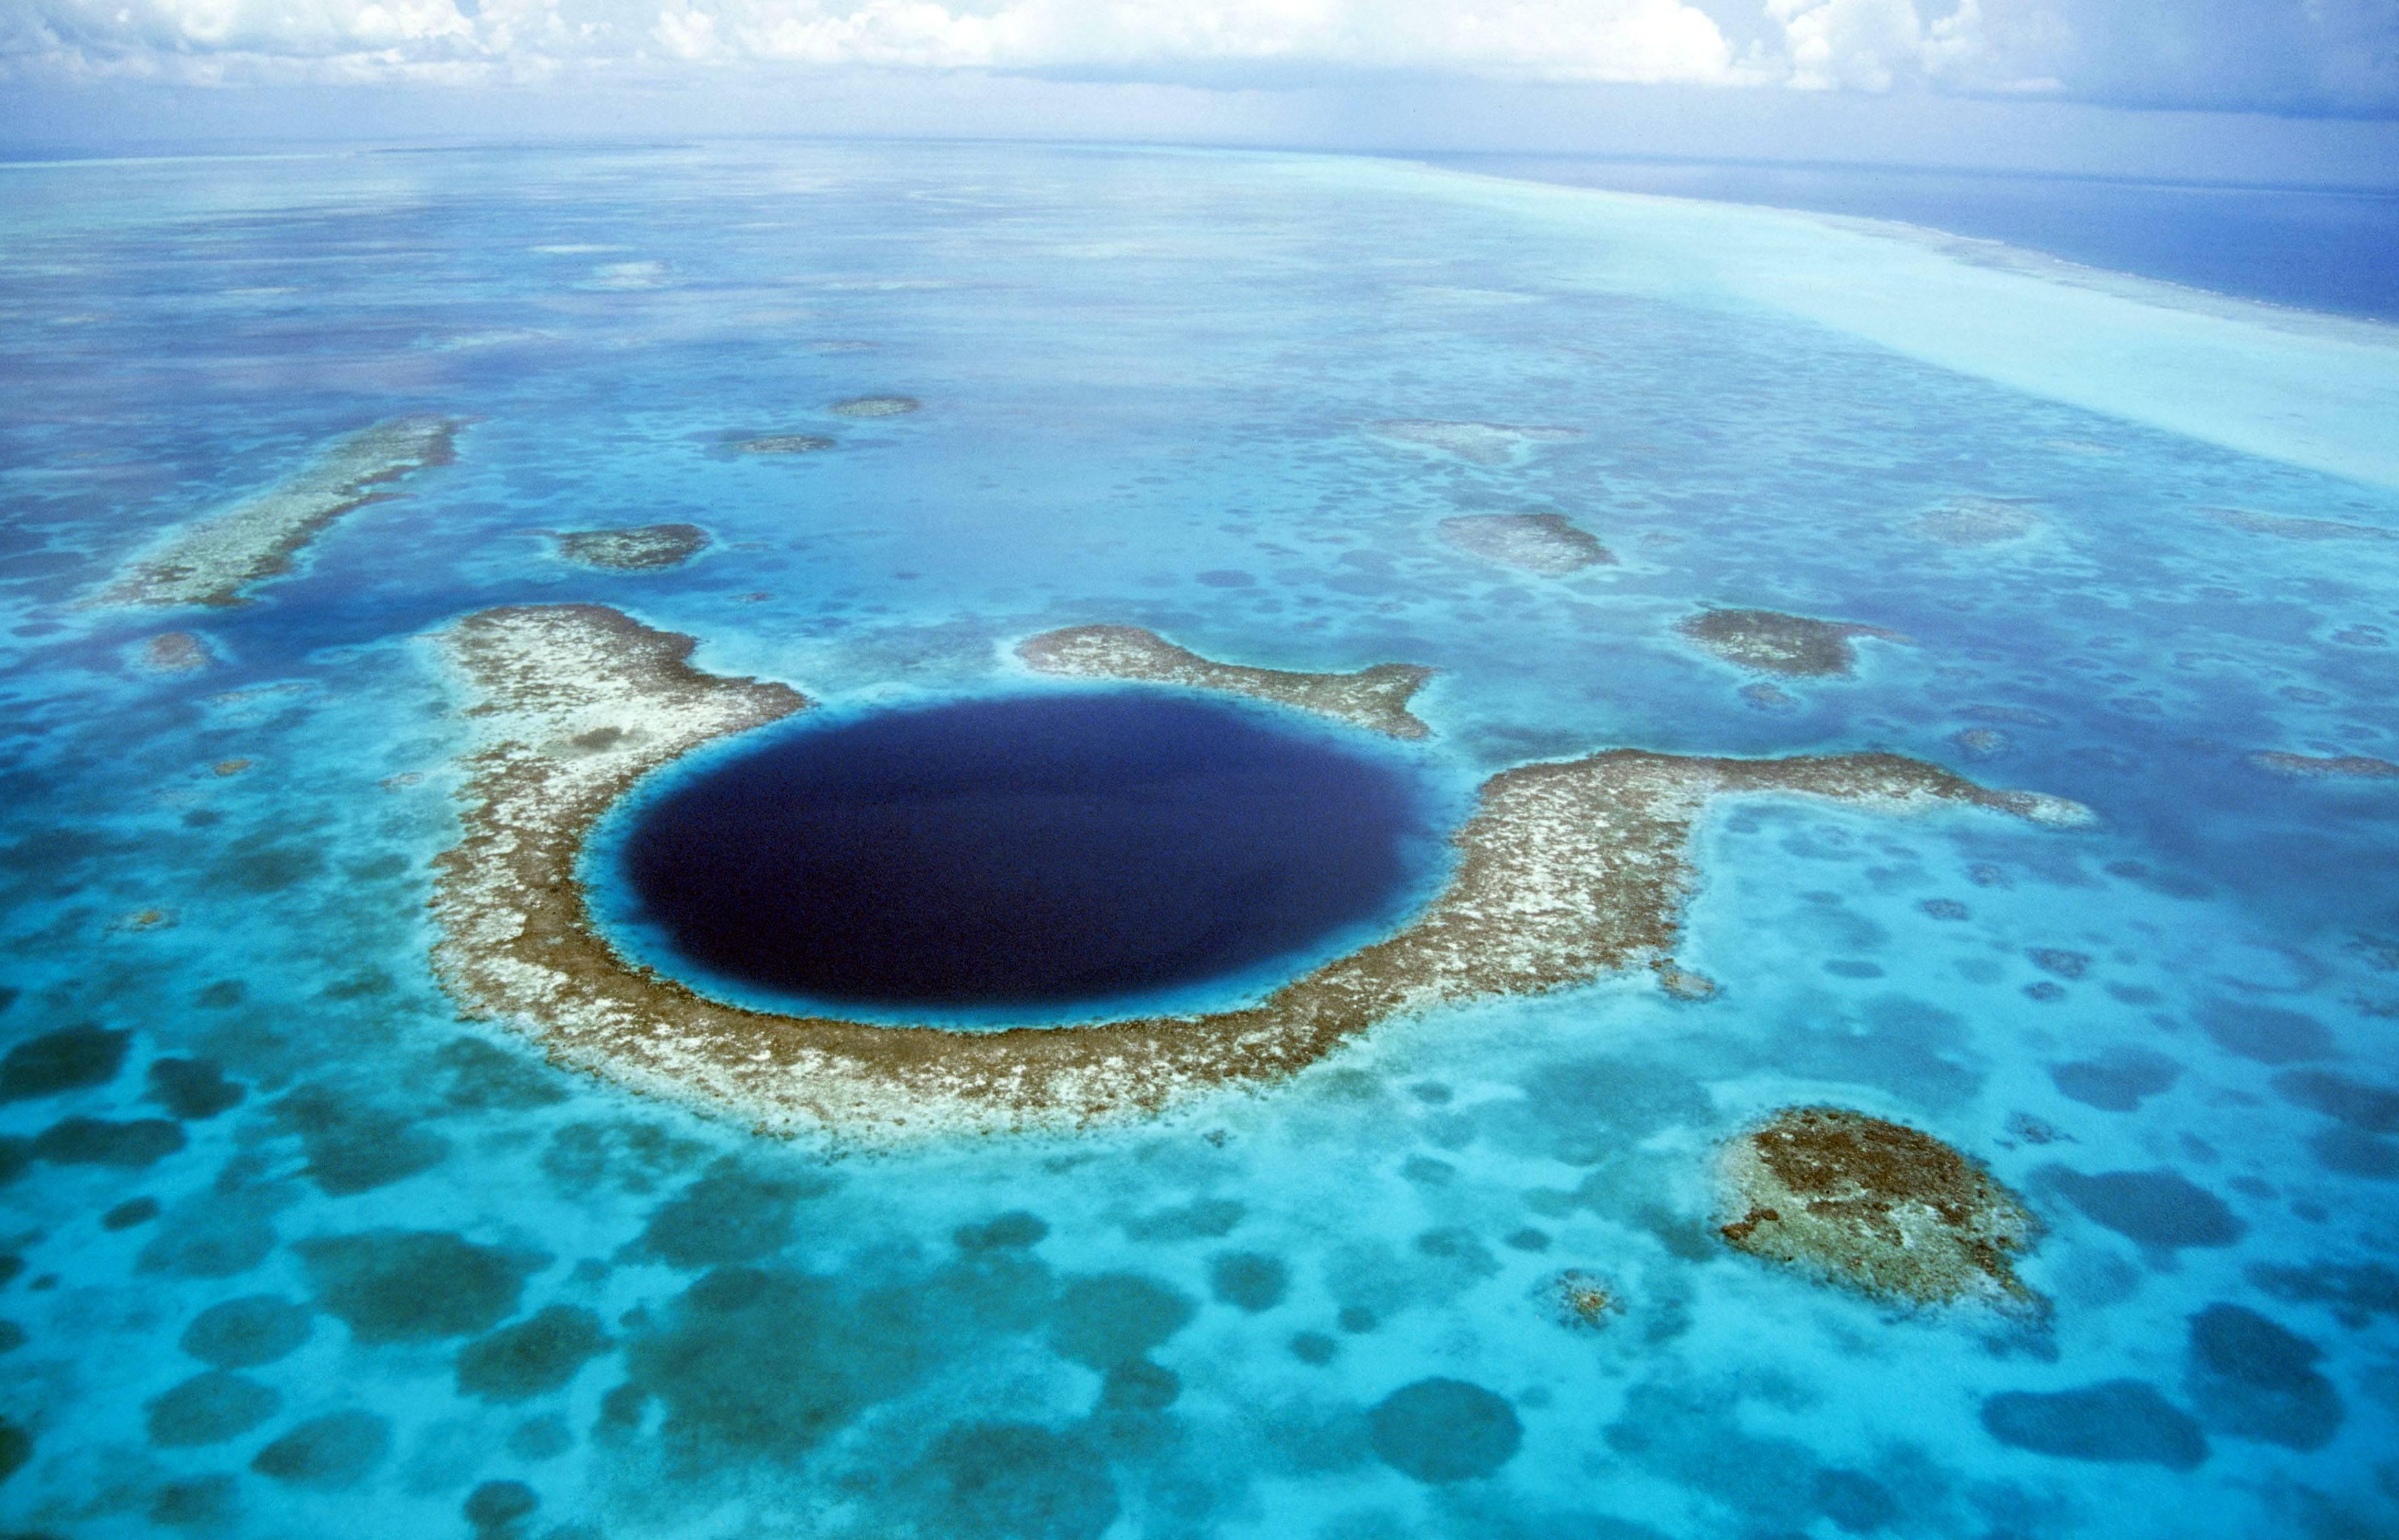 El país caribeño obtiene el 14.95% de su PIB del turismo. Ha visto 22 casos de coronavirus, y el aeropuerto internacional del país está cerrado, y su industria de cruceros también está suspendida. Su aeropuerto podría abrir a partir del 1 de julio